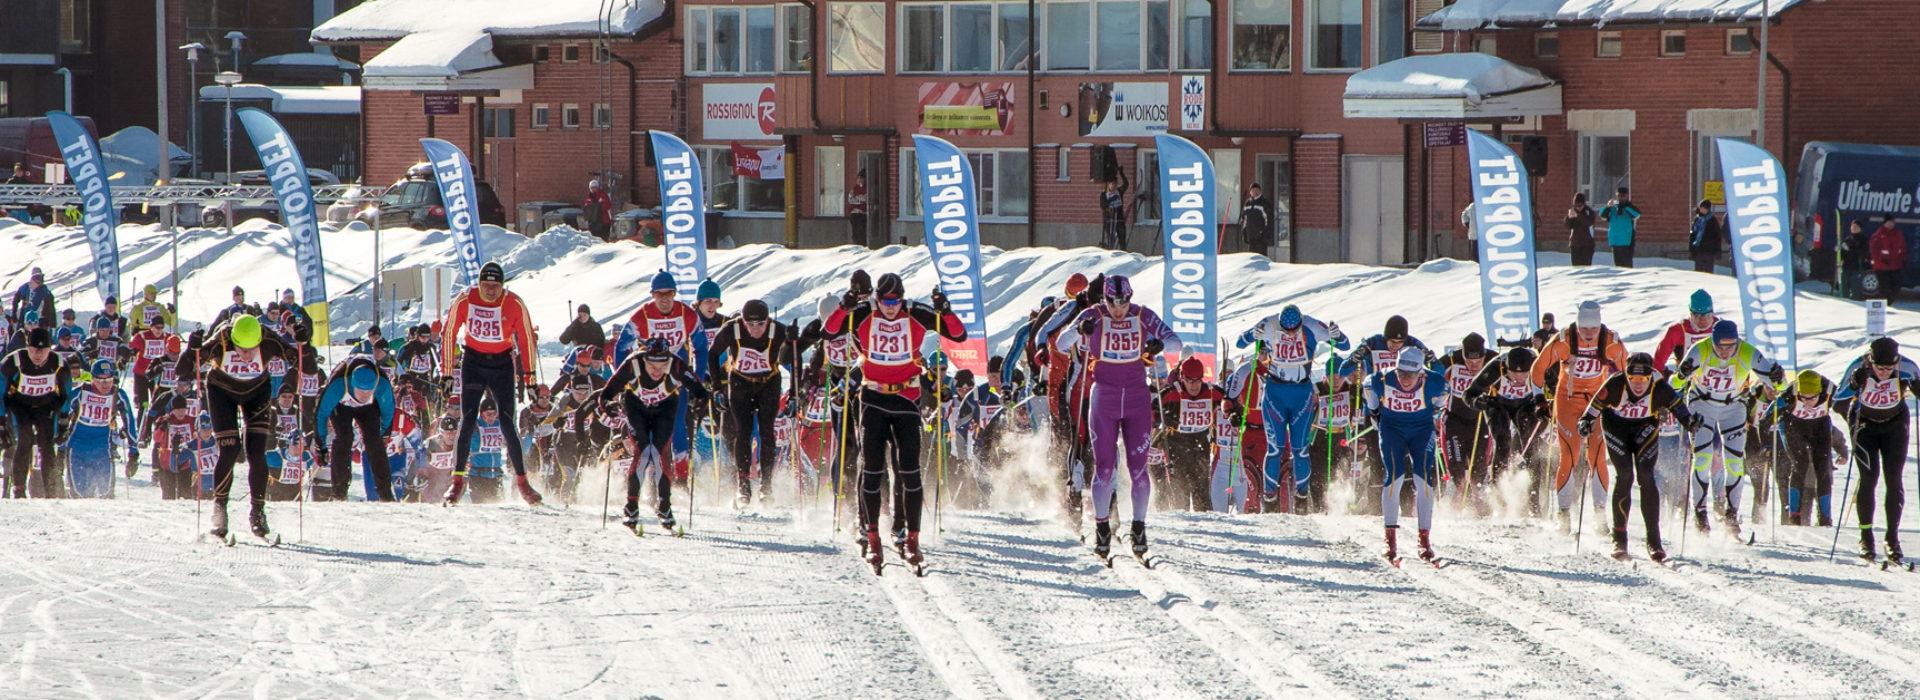 Nordic Racer Serie - news, langlaufen